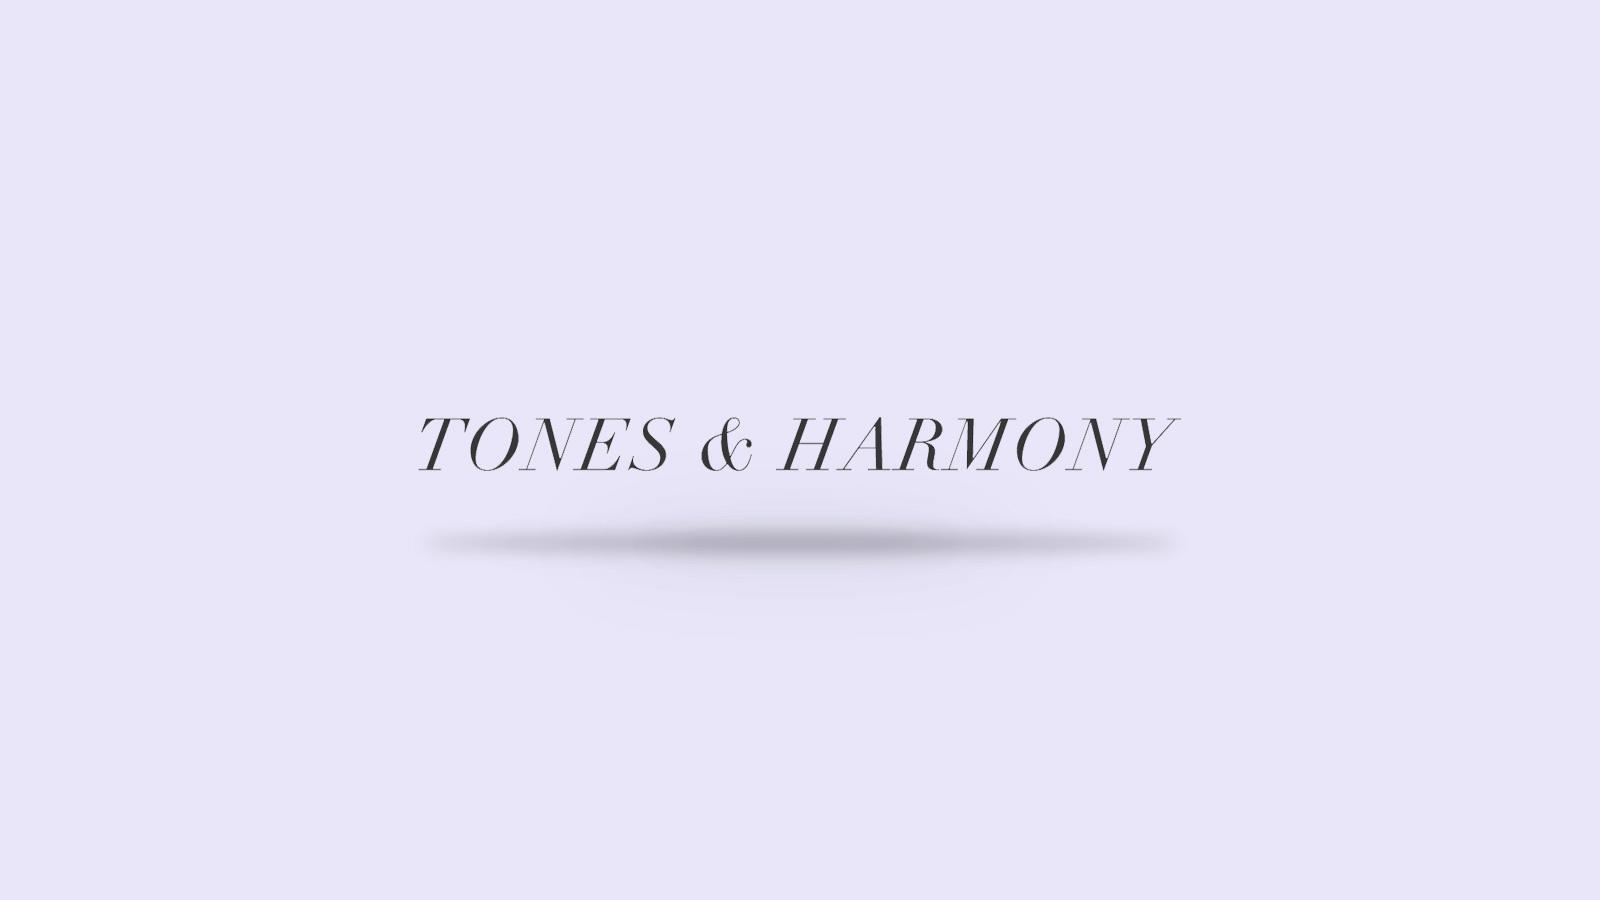 Tones & Harmony Client